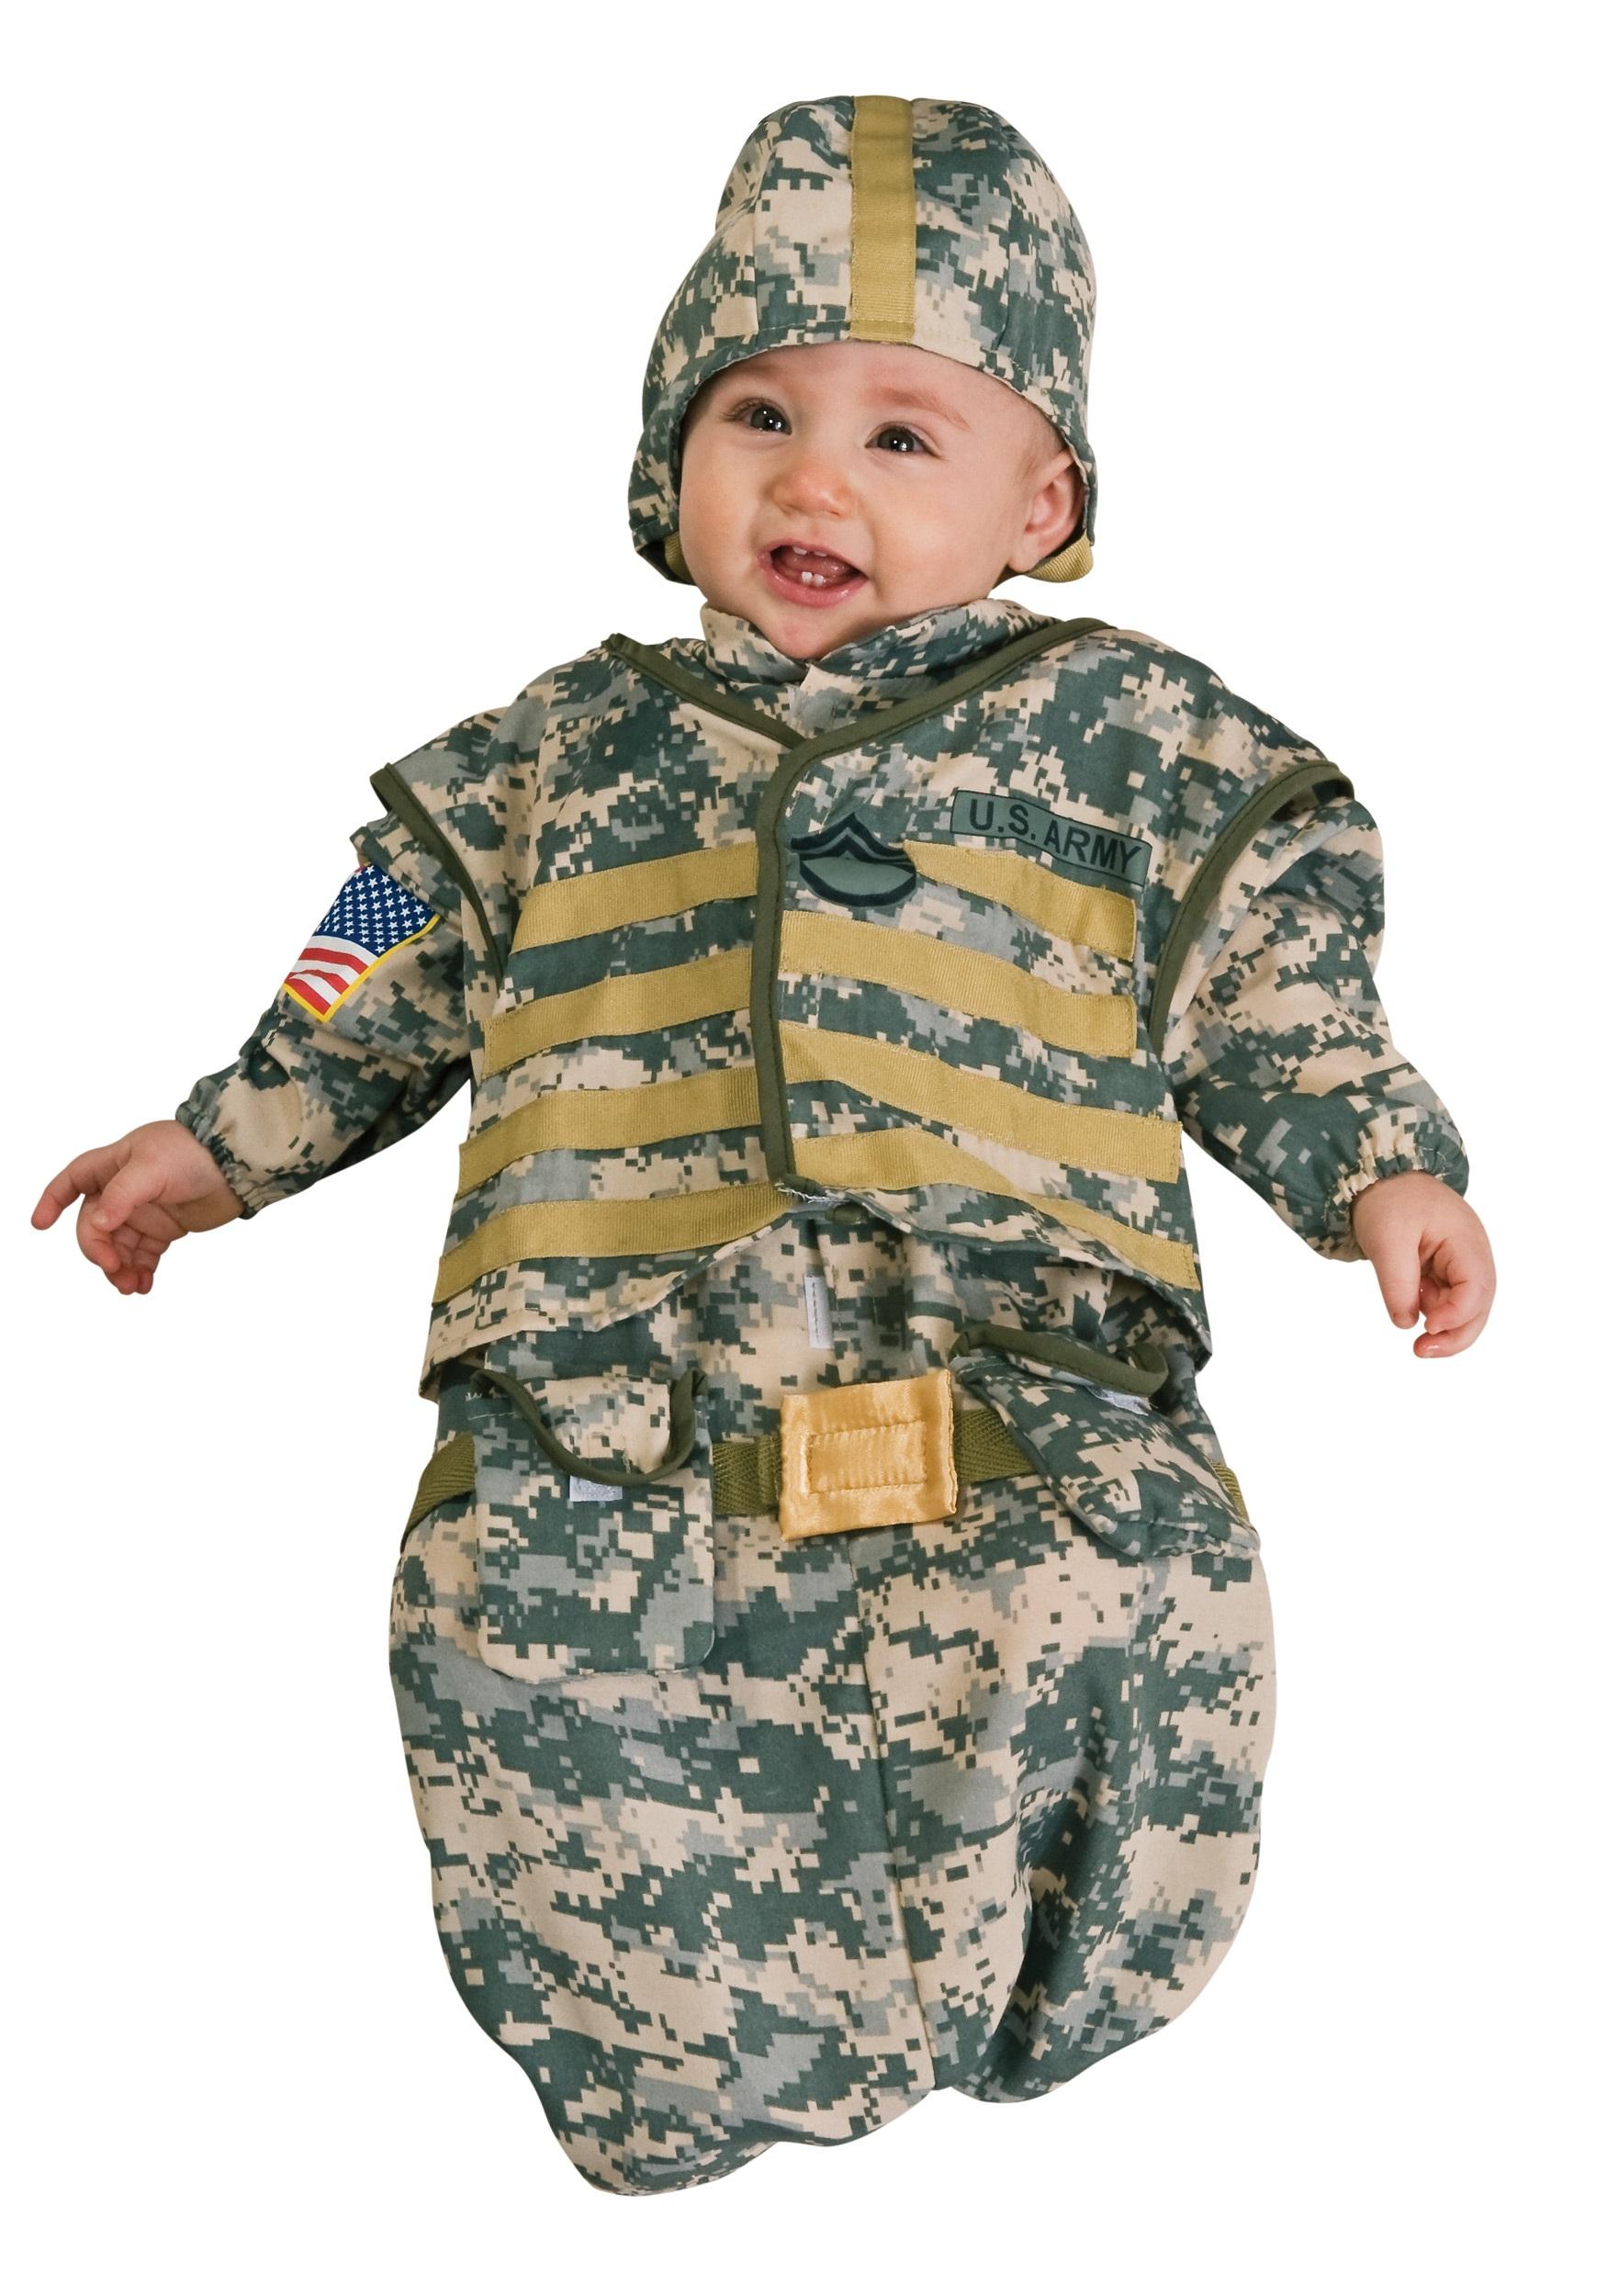 newborn soldier costume